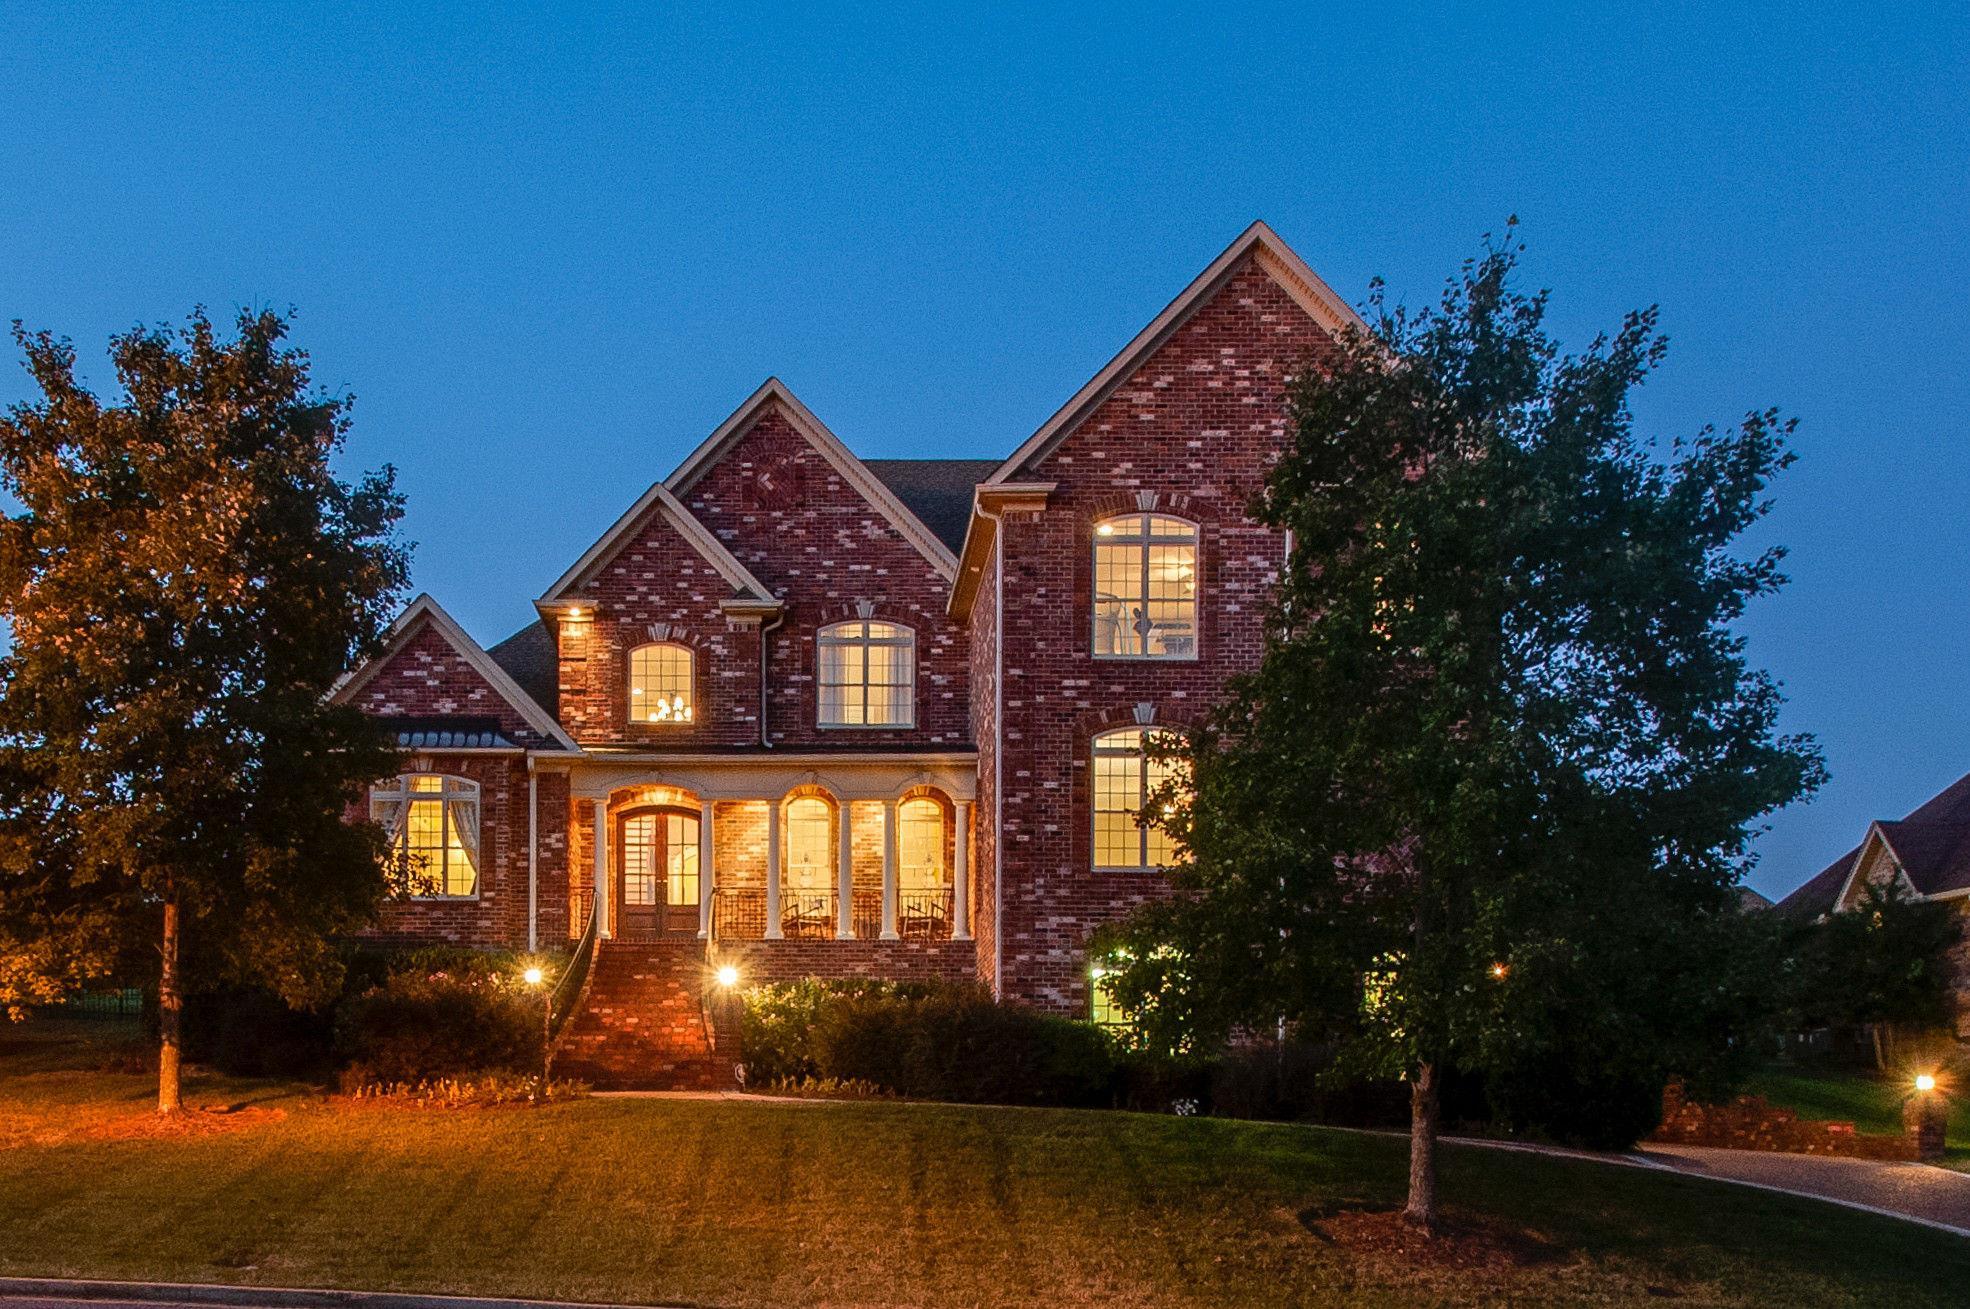 1072 Dorset Dr, Hendersonville, TN 37075 - Hendersonville, TN real estate listing